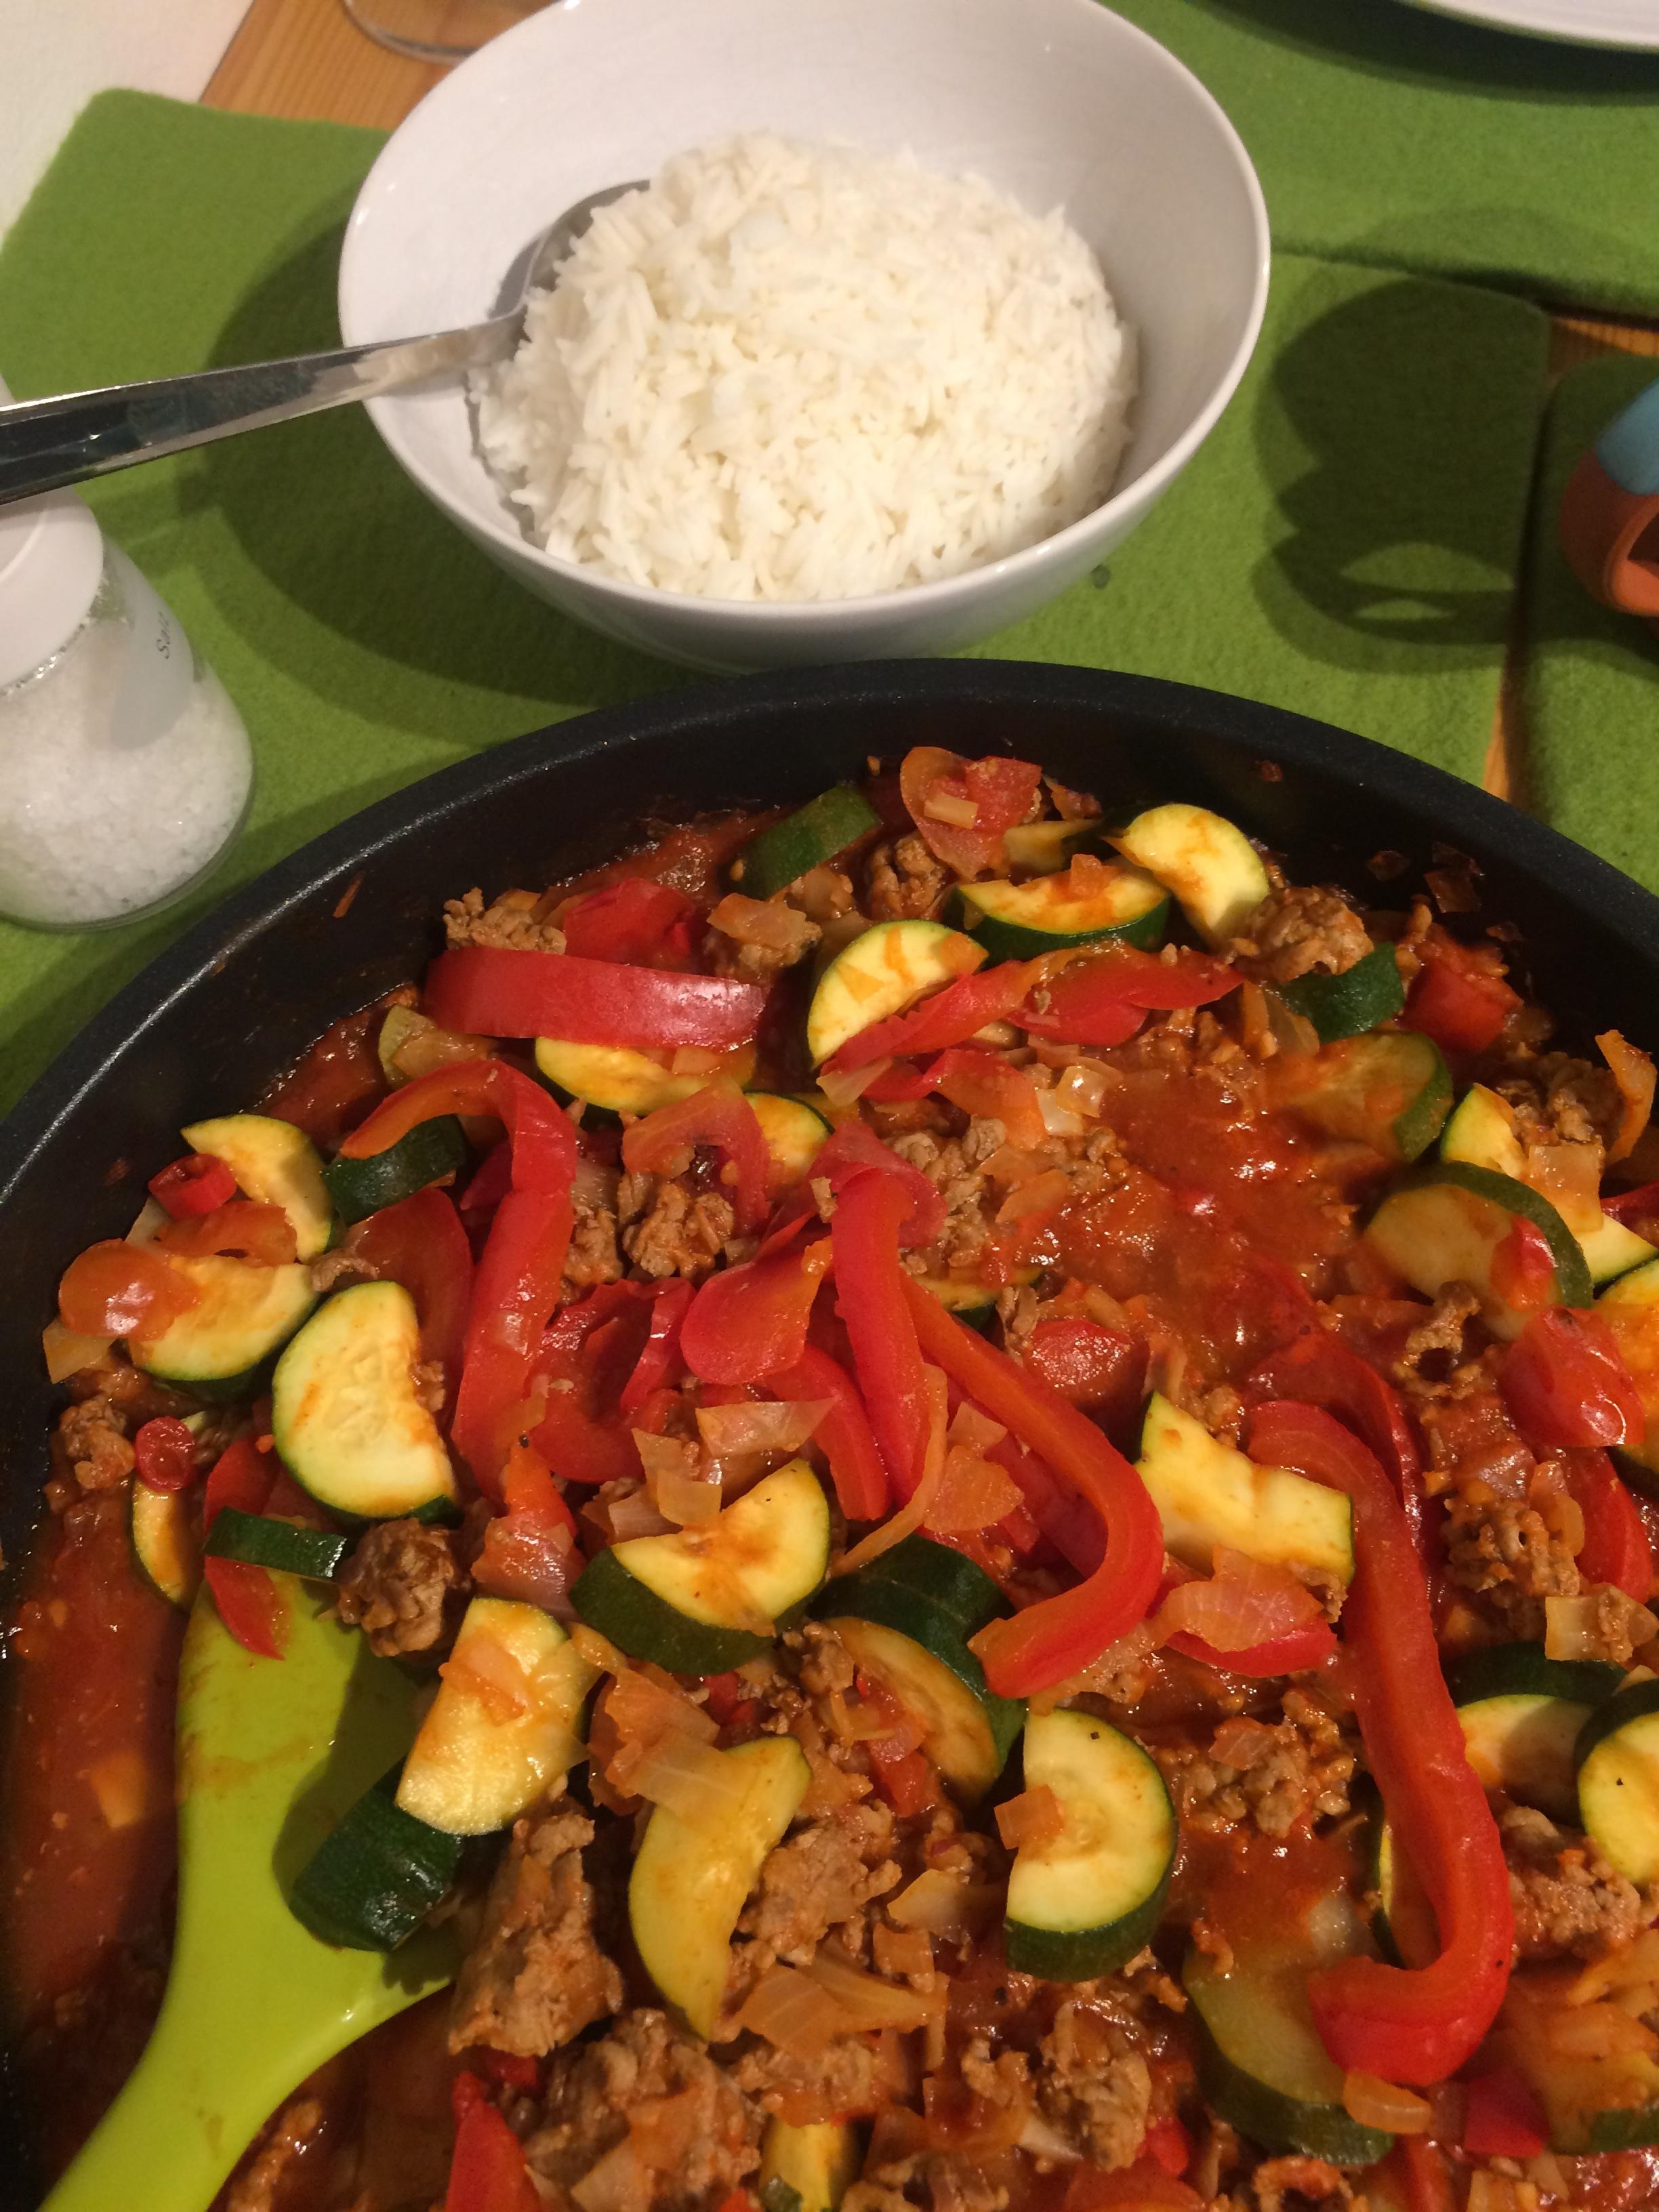 Kochen frei nach Phantasie: Geröstetes Faschiertes, mit Paprika, Tomaten, Zwiebel, Knoblauch und wieder mal Chilli (ich liebe Capsaicin). Für mich gibt es dieses Gericht so wie es ist (mit etwas Joghurt), für meinen Kohlenhydratesser-Gast mit einer ordentlichen Portion Reis.